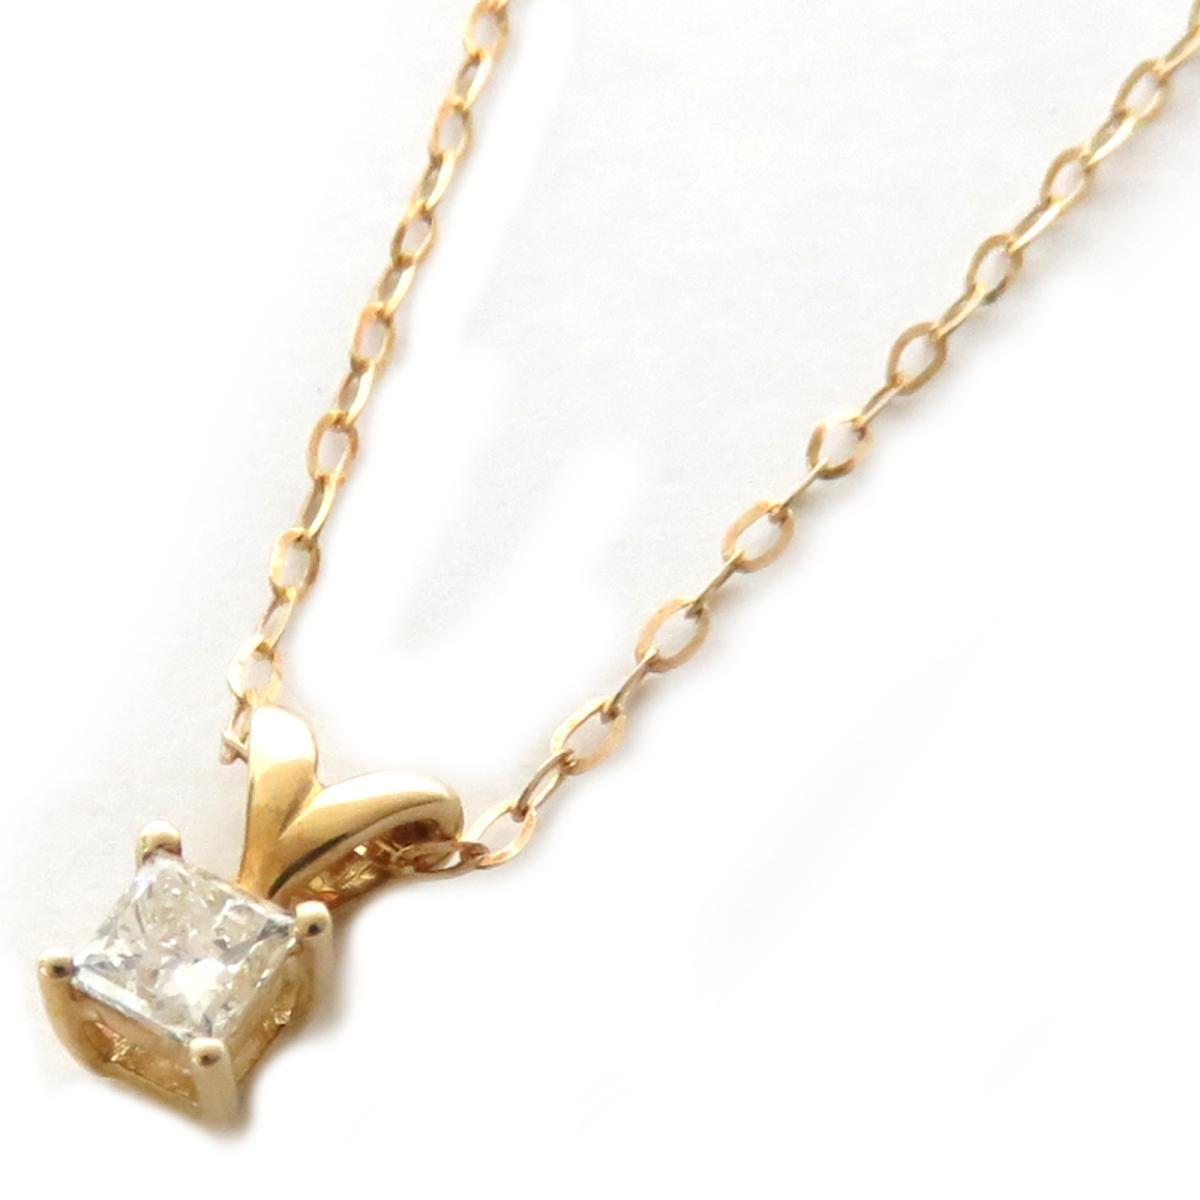 【中古】 ジュエリー ダイヤモンド ネックレス レディース K18YG (750) イエローゴールド | JEWELRY BRANDOFF ブランドオフ ブランド アクセサリー ペンダント